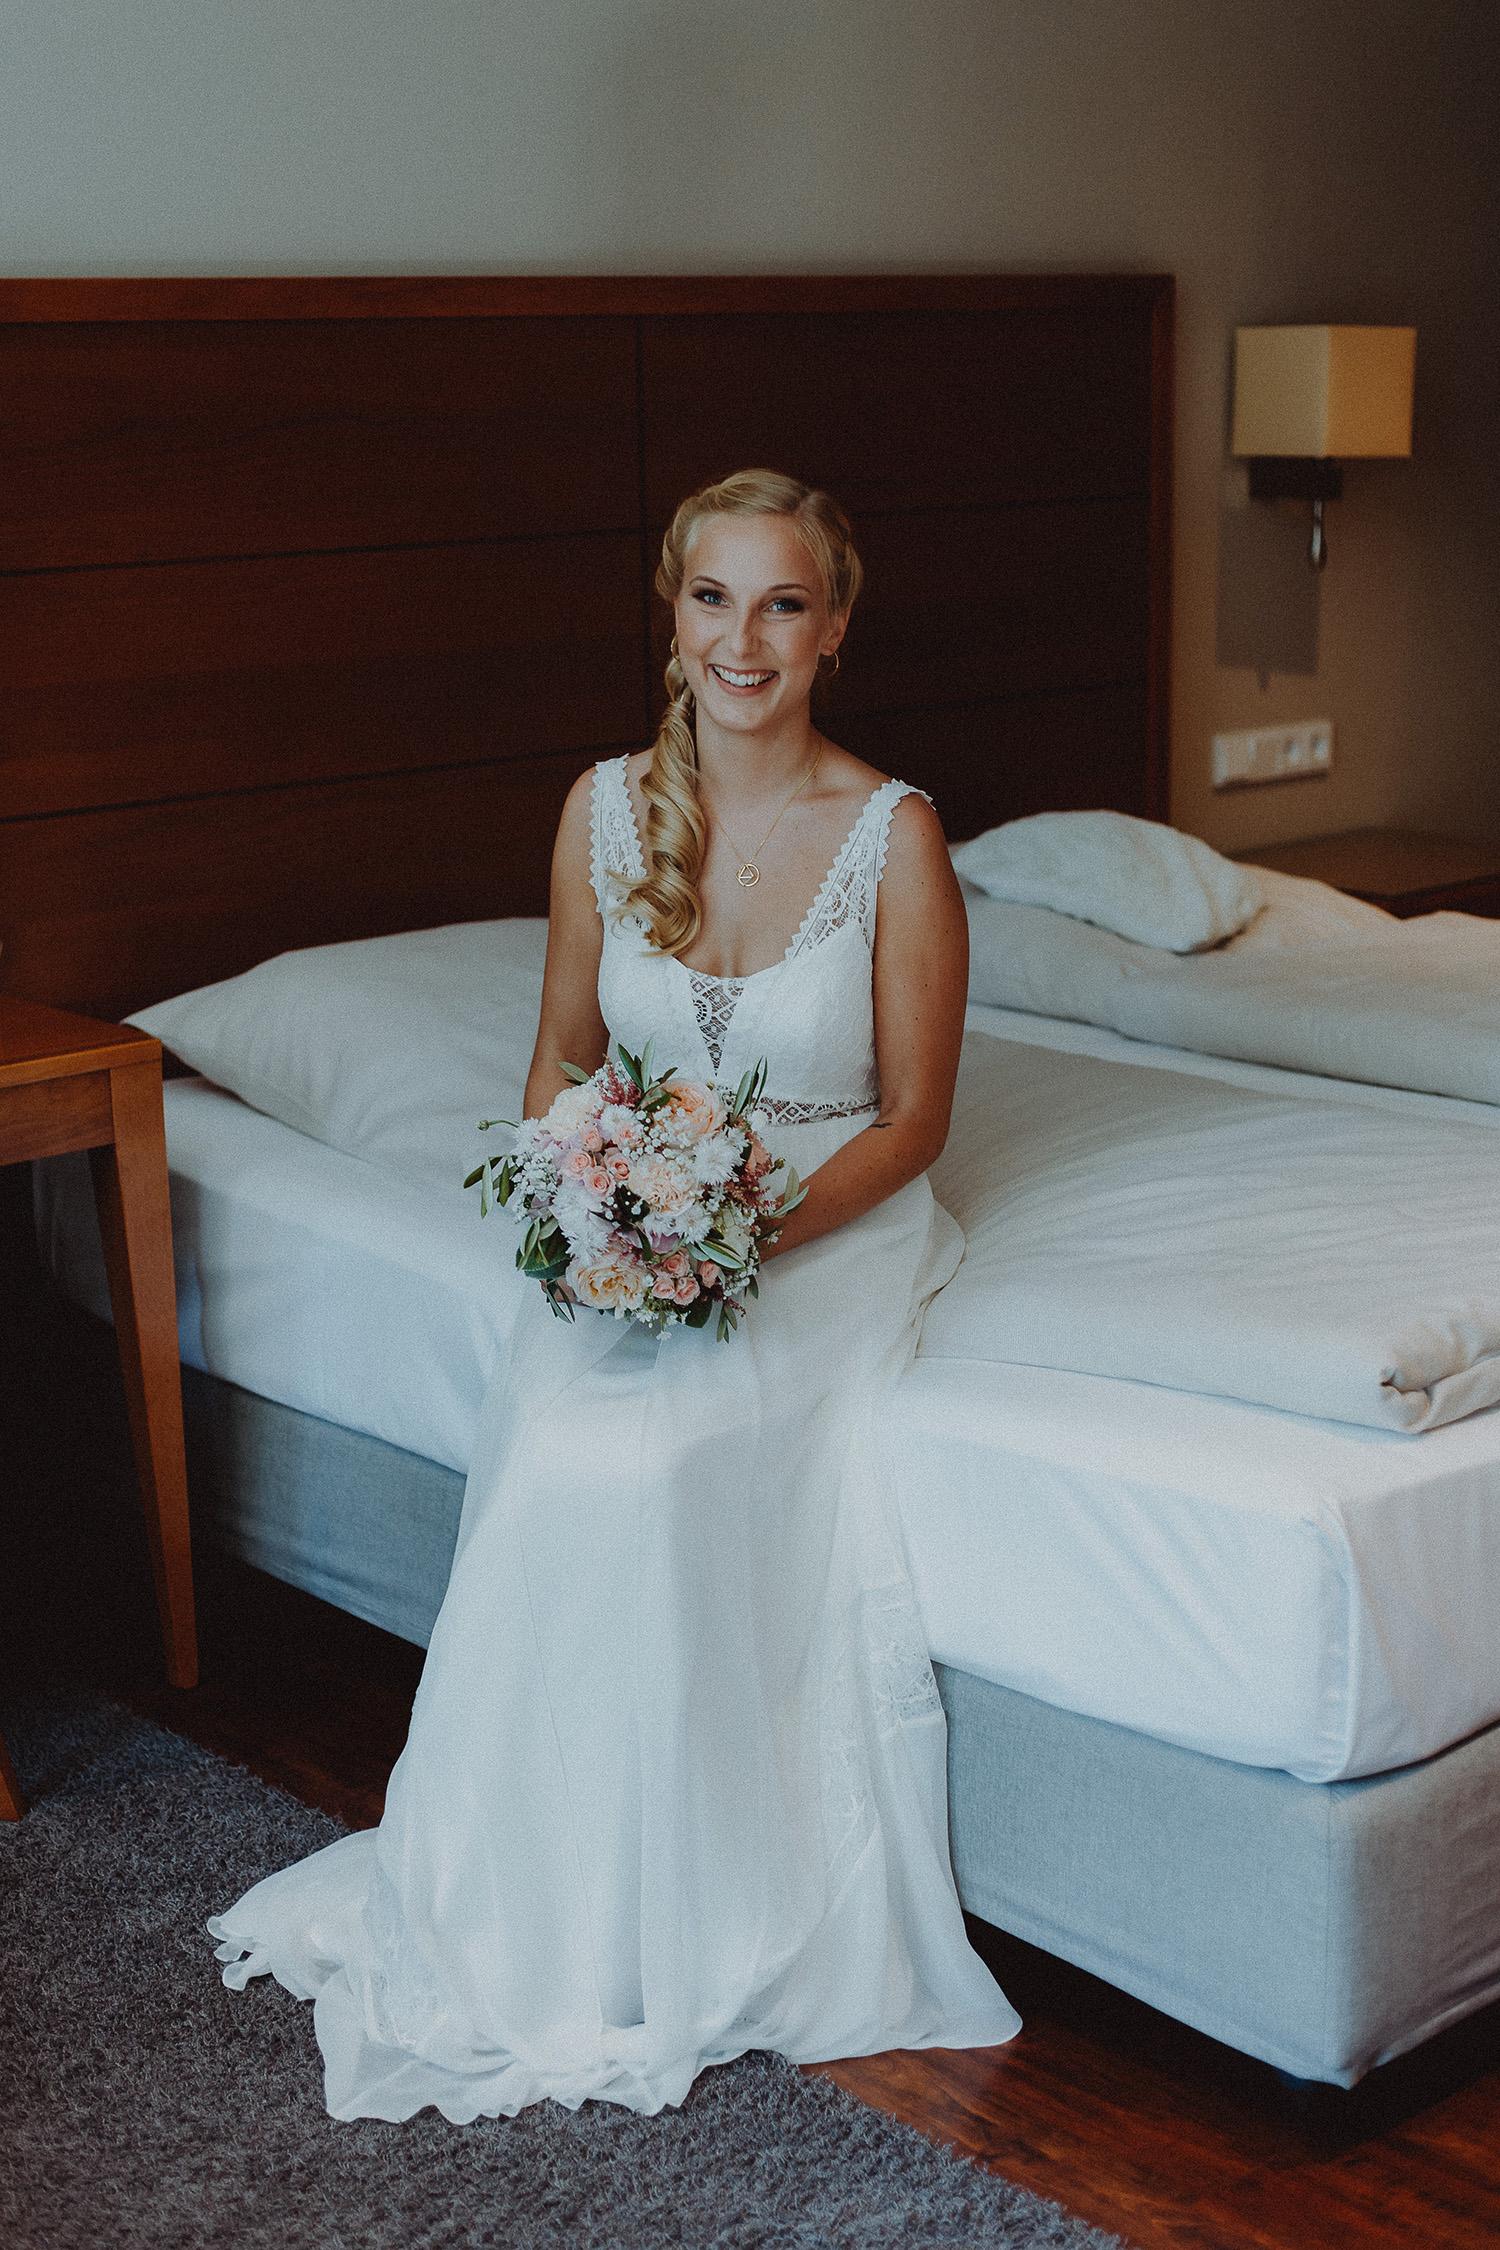 Hochzeitsfoto eines Fotografen in Ganderkesee